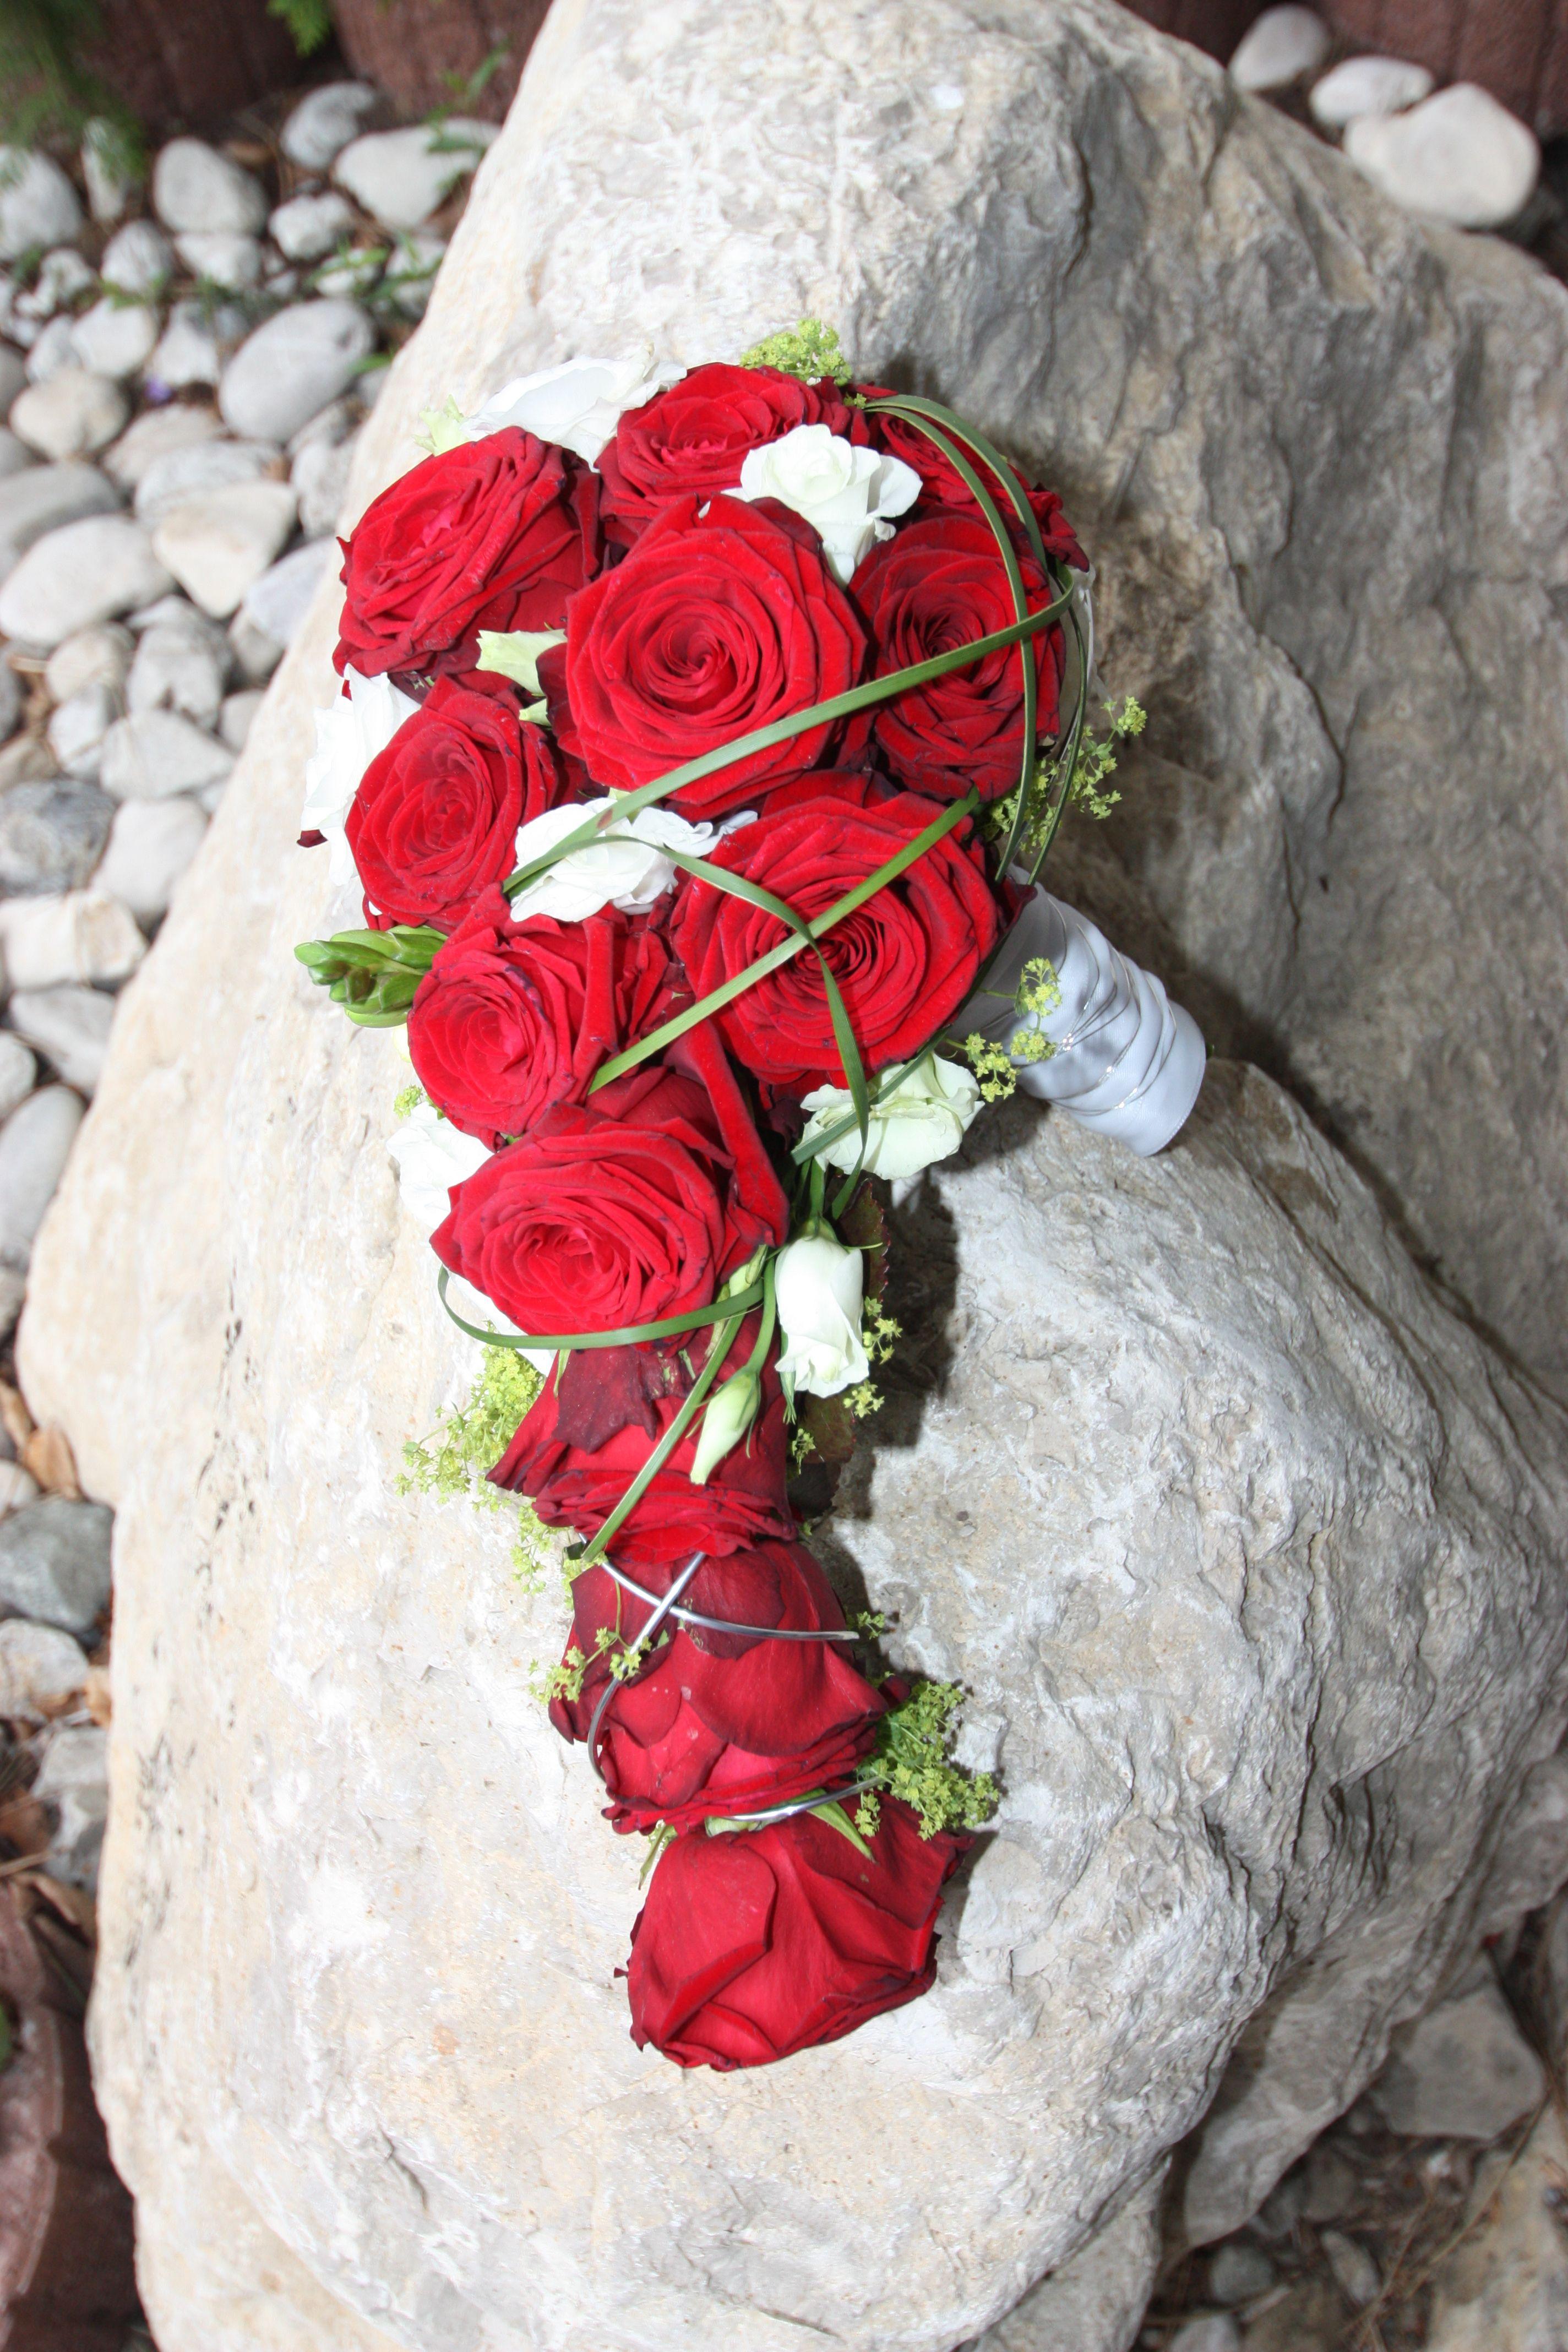 brautstrau mit roten rosen gr sern und akzenten von wei. Black Bedroom Furniture Sets. Home Design Ideas